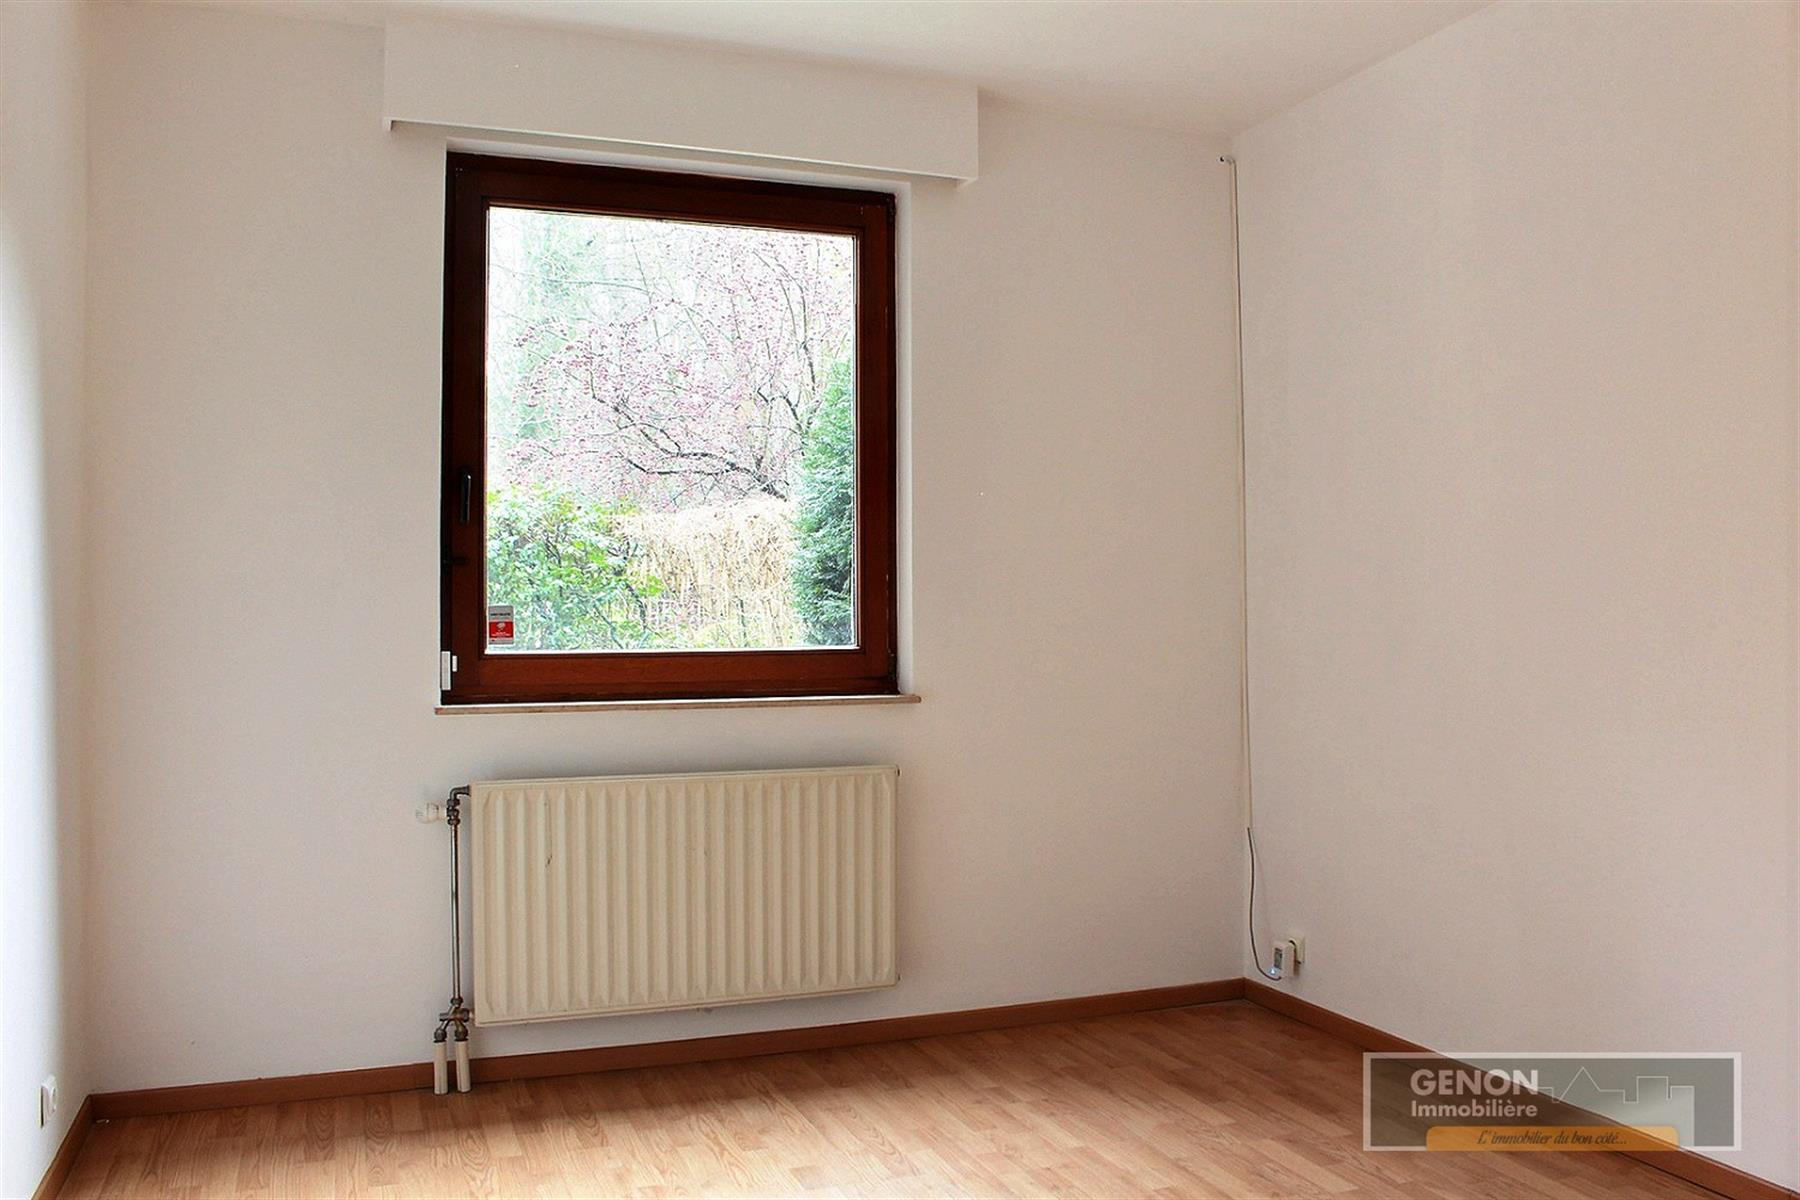 Appartement - Ottignies-Louvain-la-Neuve - #4244956-5